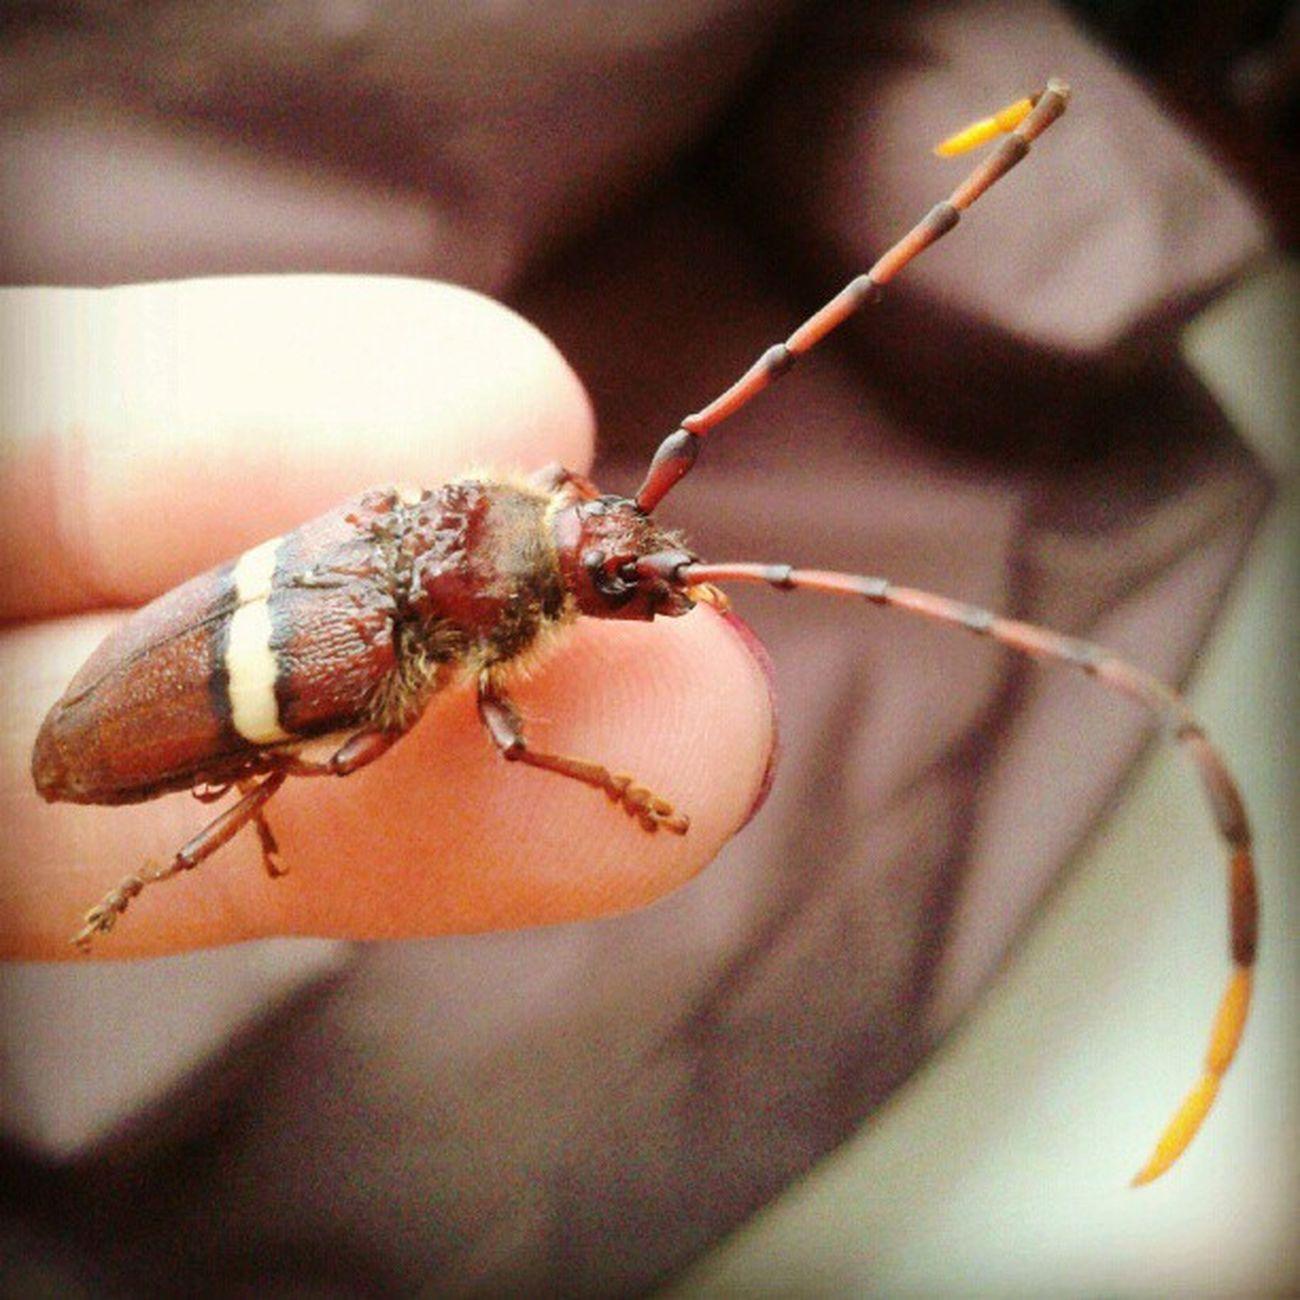 Que tal esta cosita tan hermosha!!!!! TRACHYDERES SUCCINTUS Succintus Trachyderes Insects  Arthropoda Coleoptera Polyphaga Chrysomeloidea Cerambycidaefamily